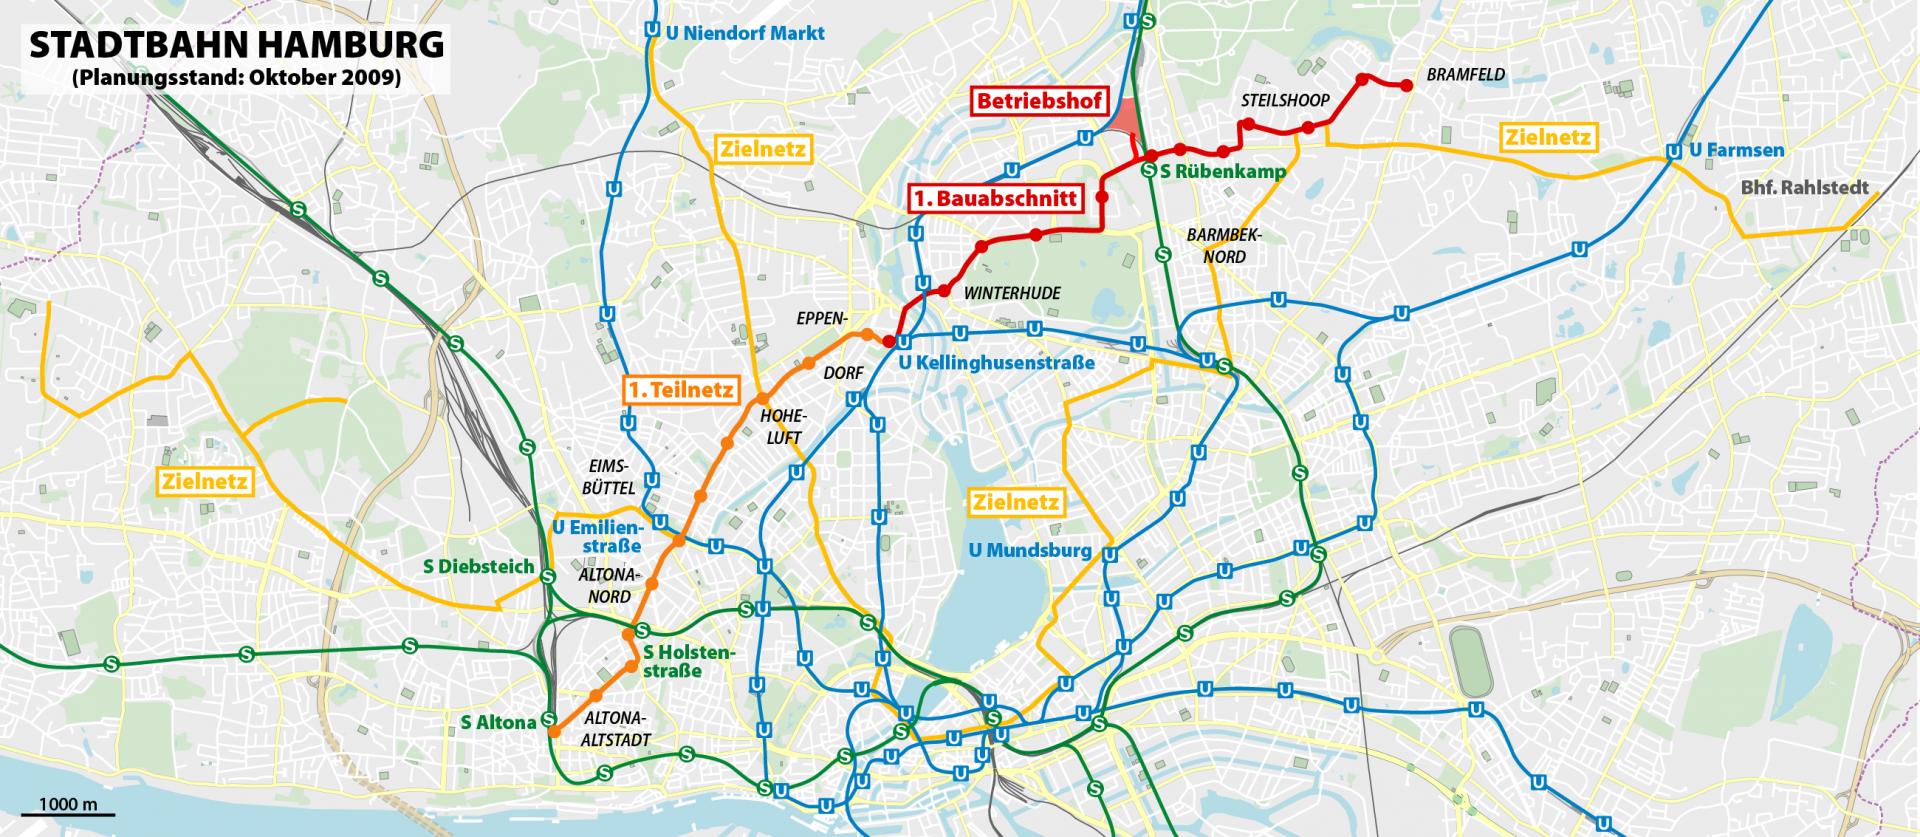 Das geplante Netz der Stadtbahn 2010 - (cc) NordNordWest